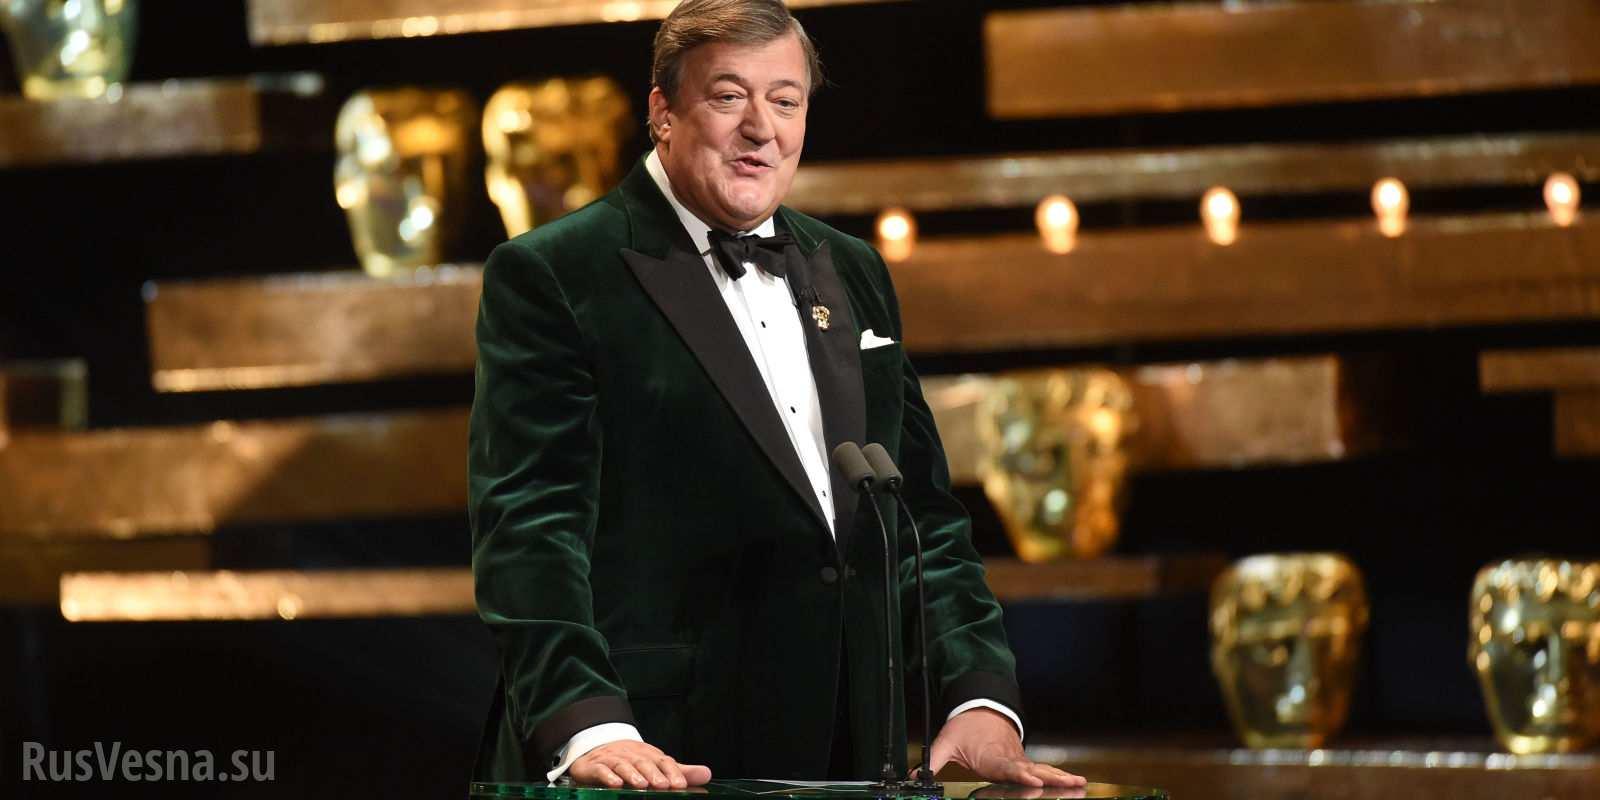 Встолице Англии вкоролевском «Альберт-холле» состоялась церемония вручения премии BAFTA